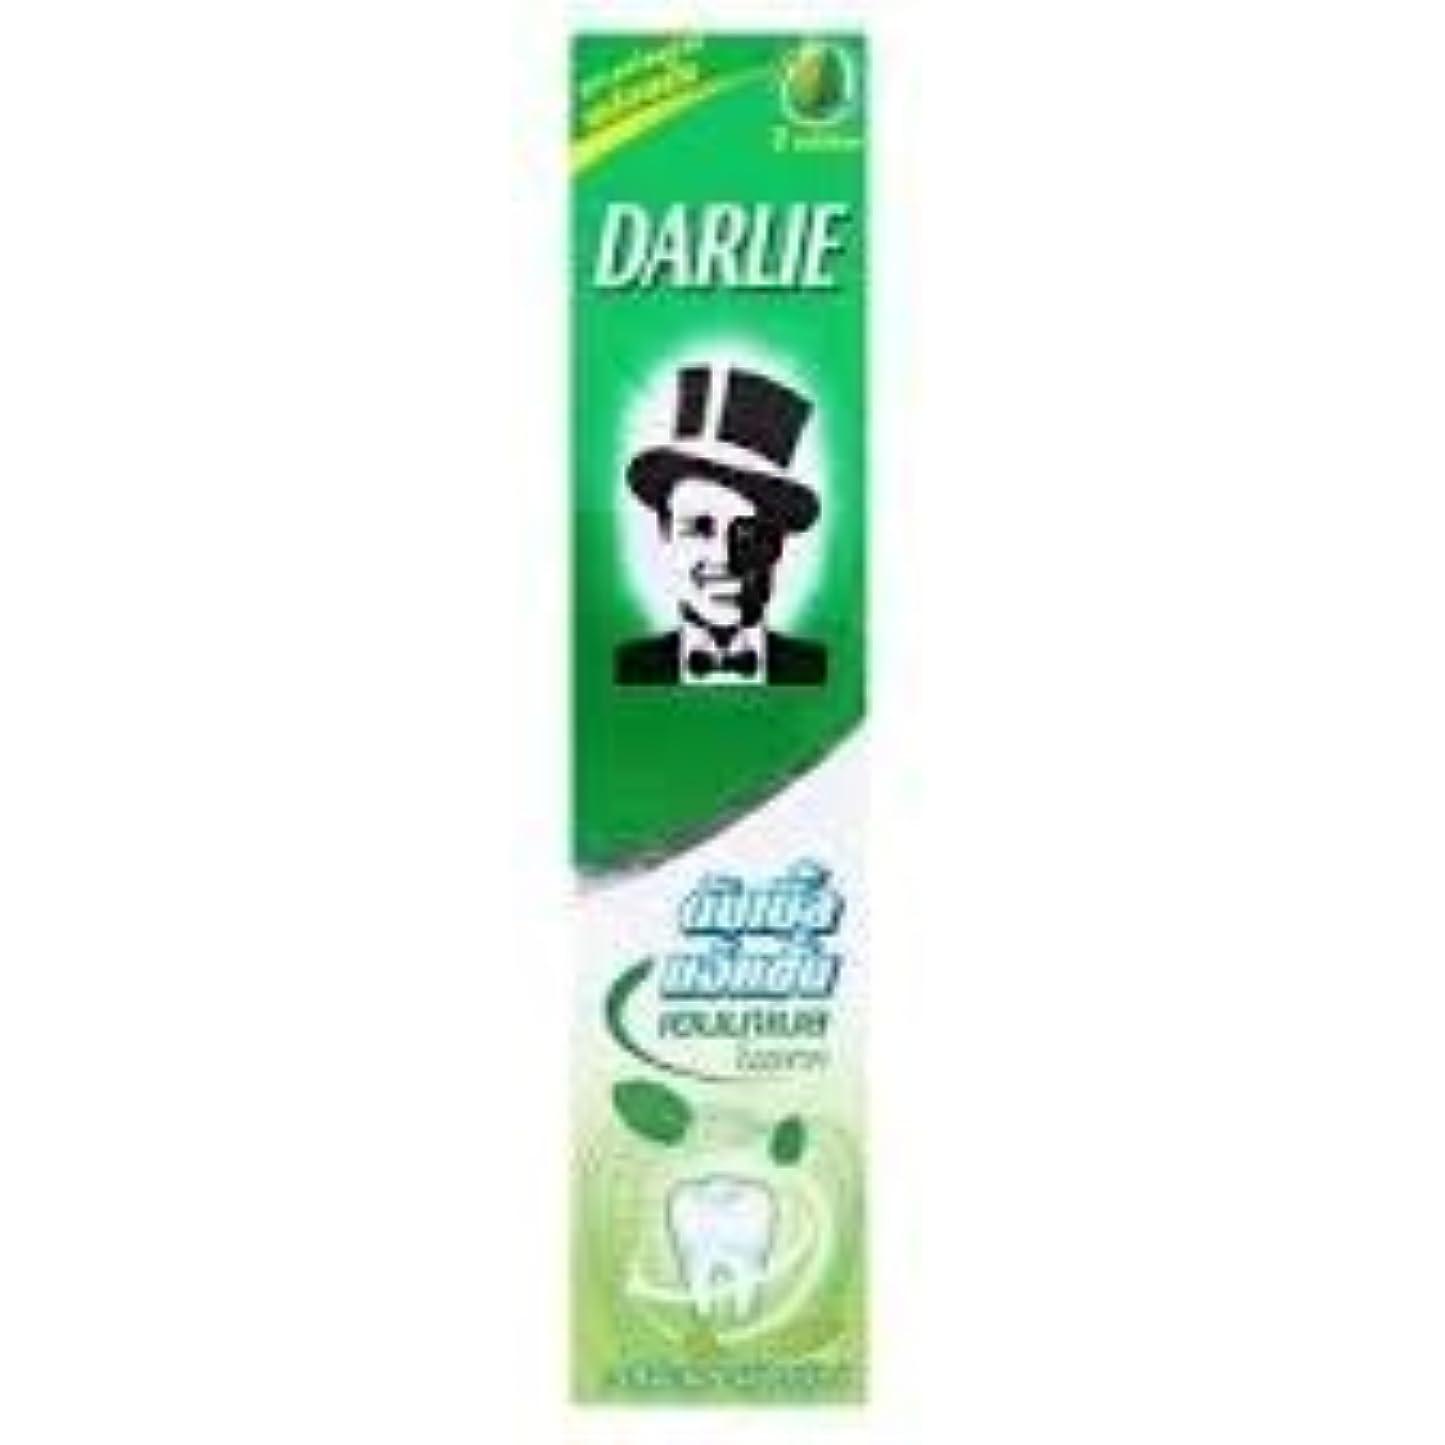 代数紳士請求DARLIE 歯磨き粉エナメルは強力なミントを保護します200g - 私達の元の強いミントの味とあなたの呼吸のミントを新しく保ちます